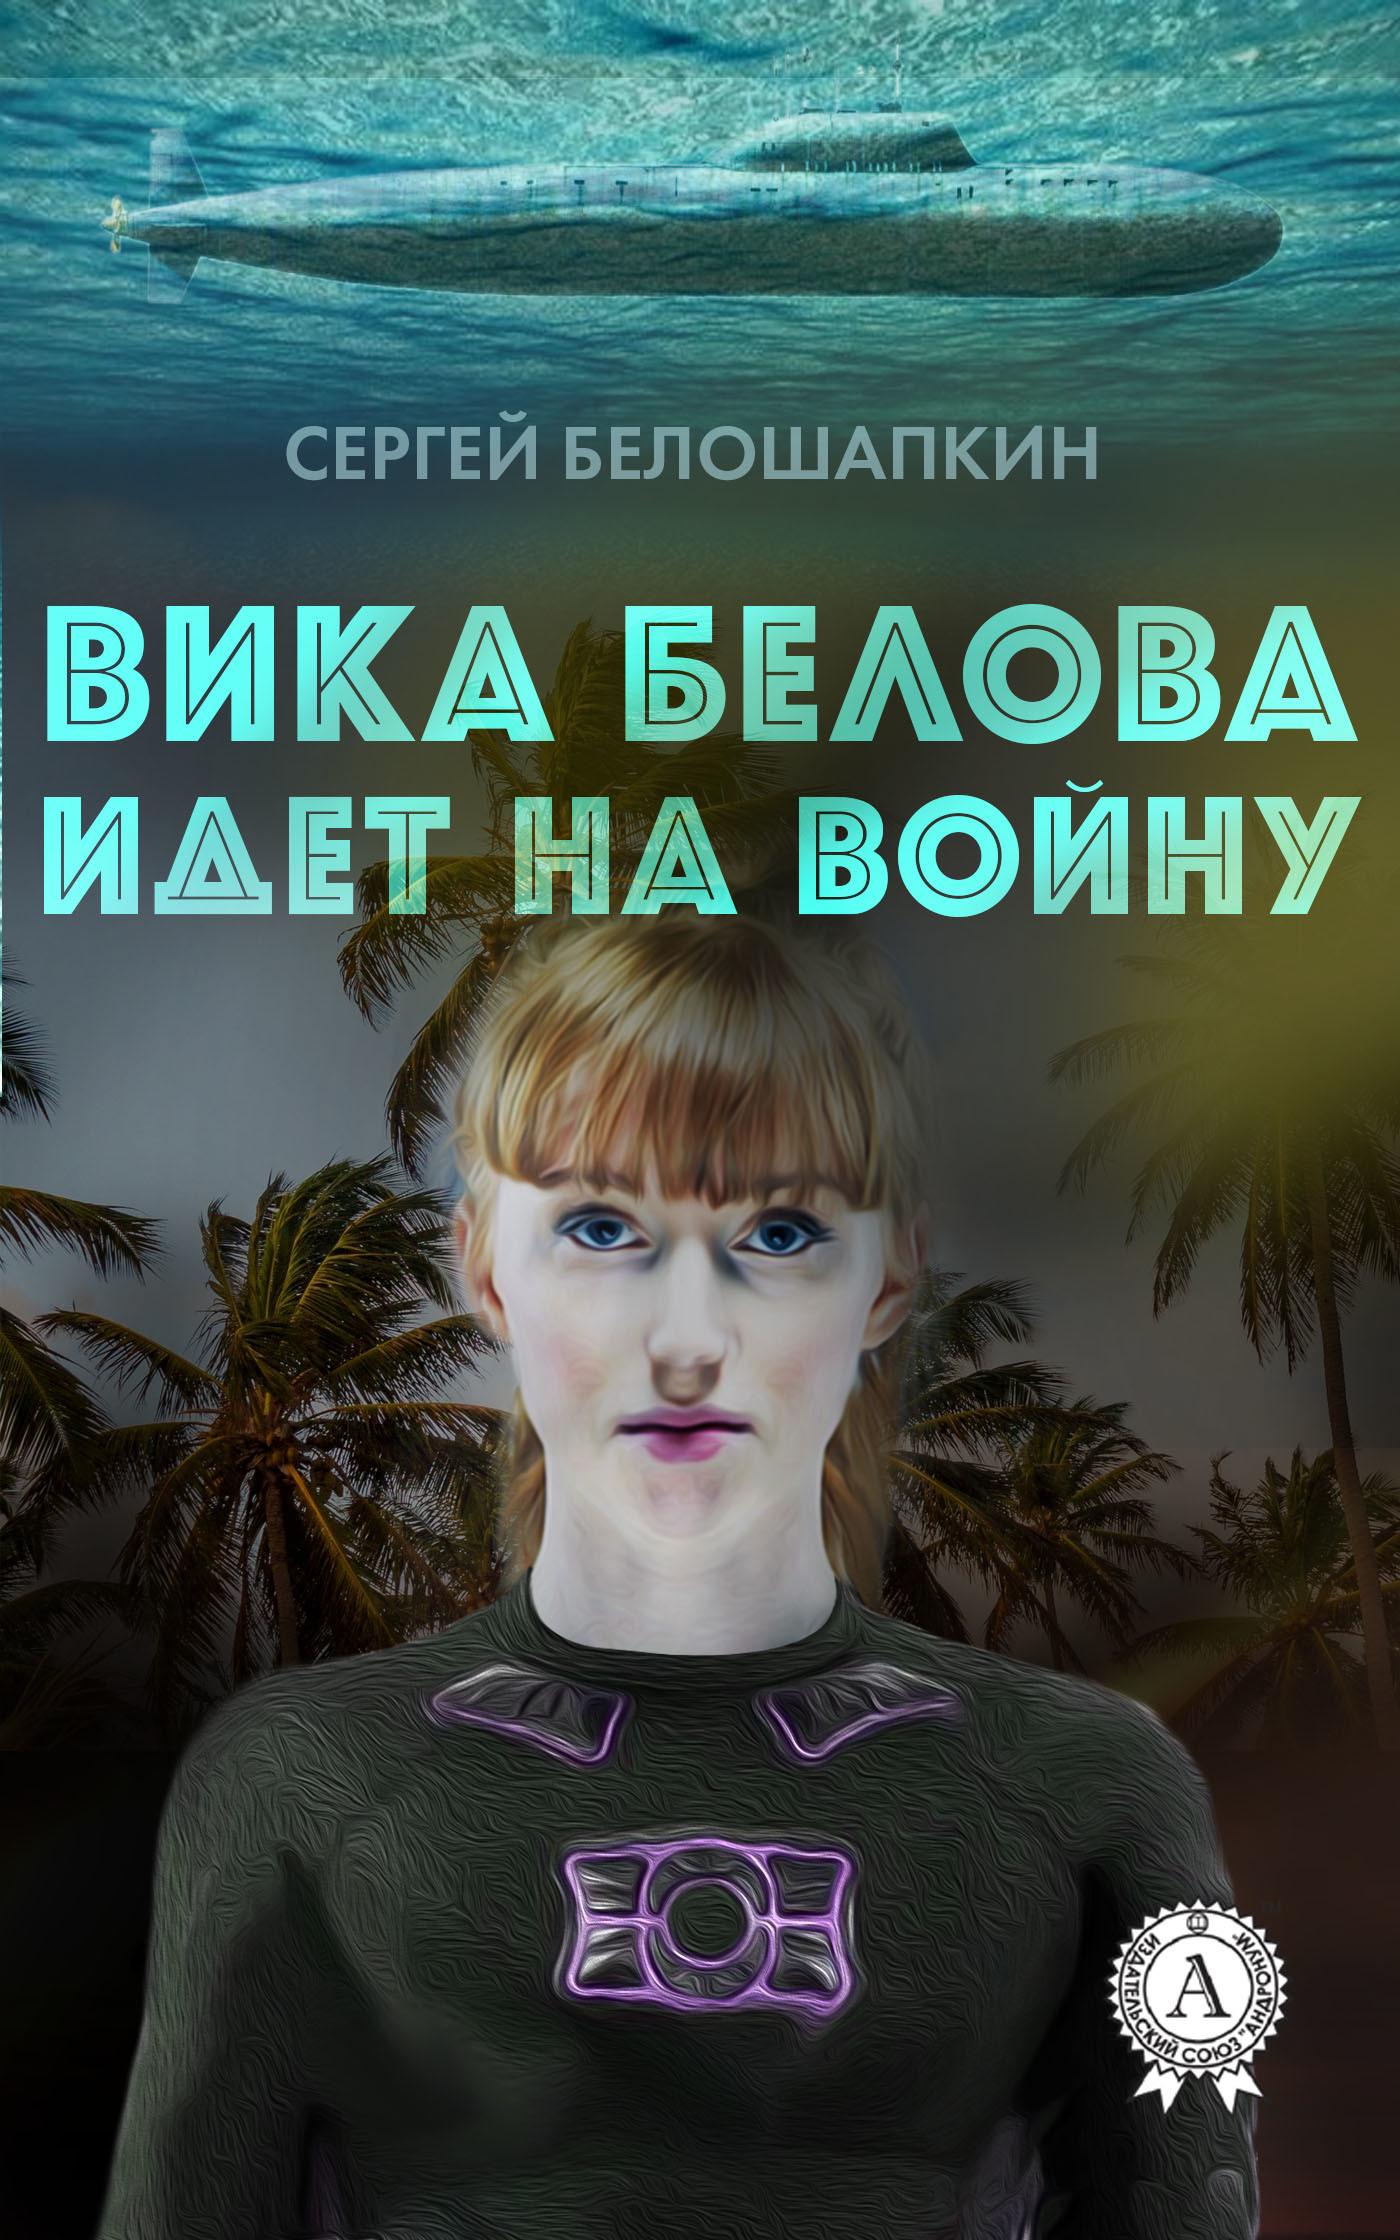 Вика Белова идет на войну